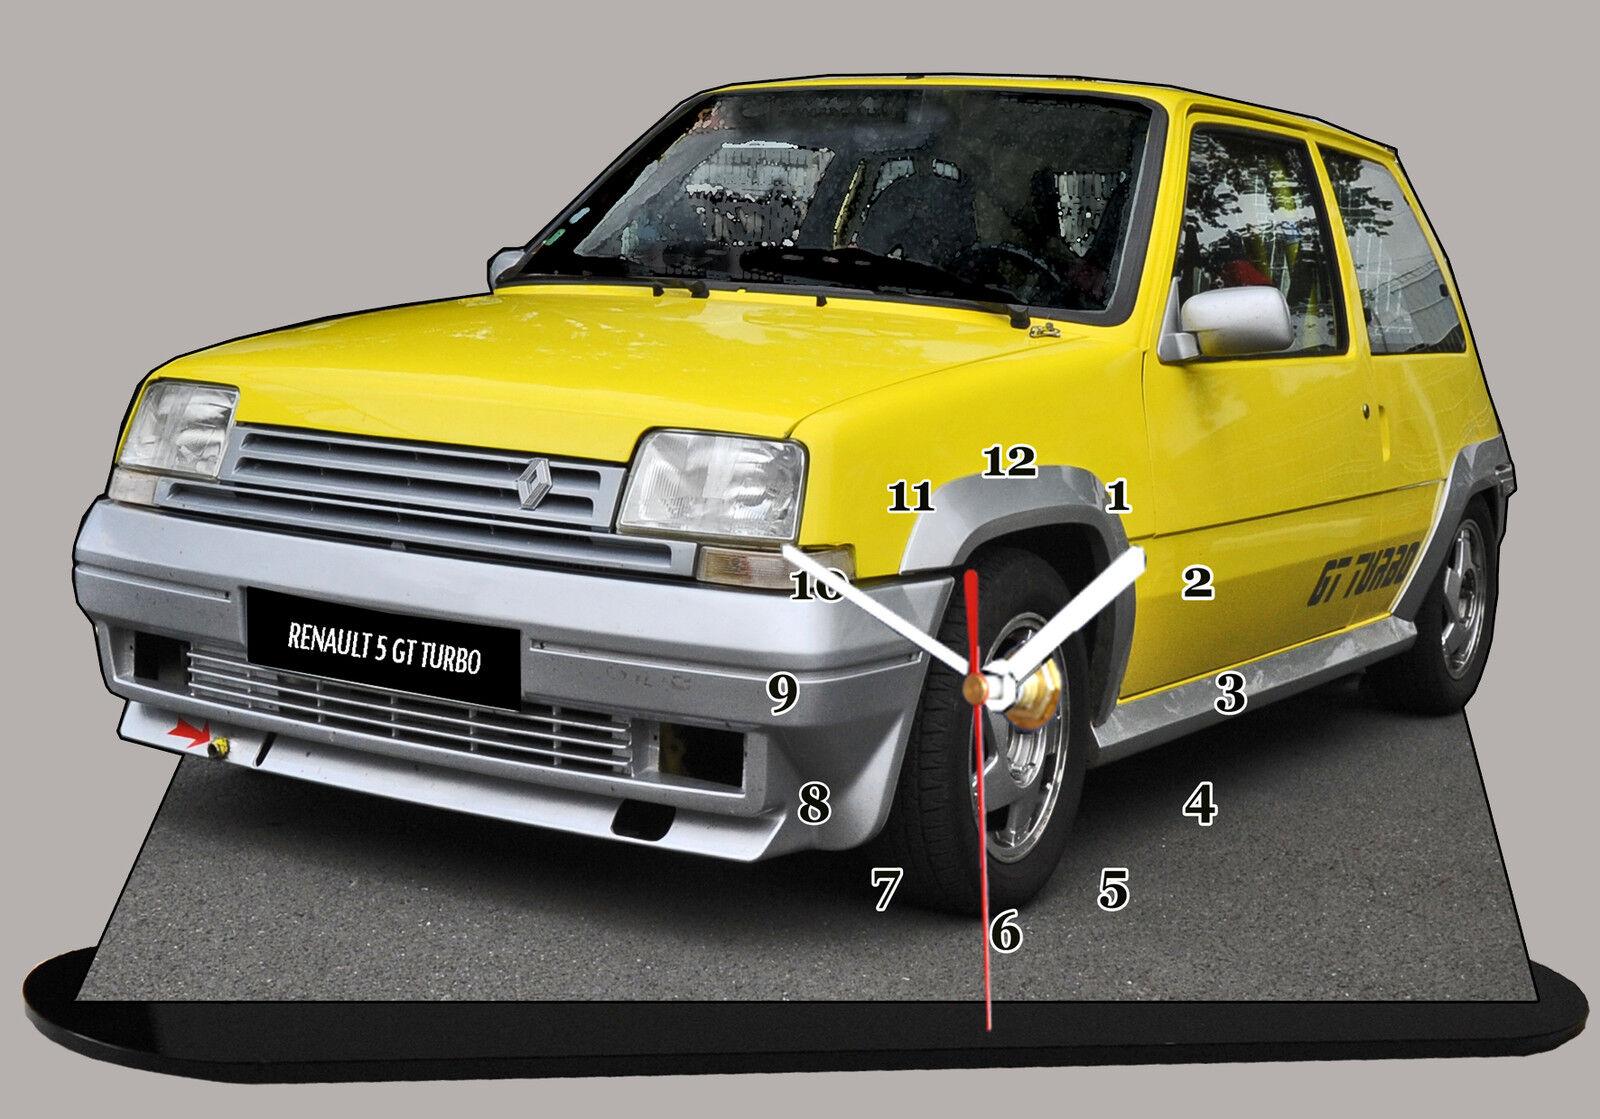 bil RENAULT 5 GT TURBO, R5 GT TURBO -03 bil IN guldLOGIO MINIATURA